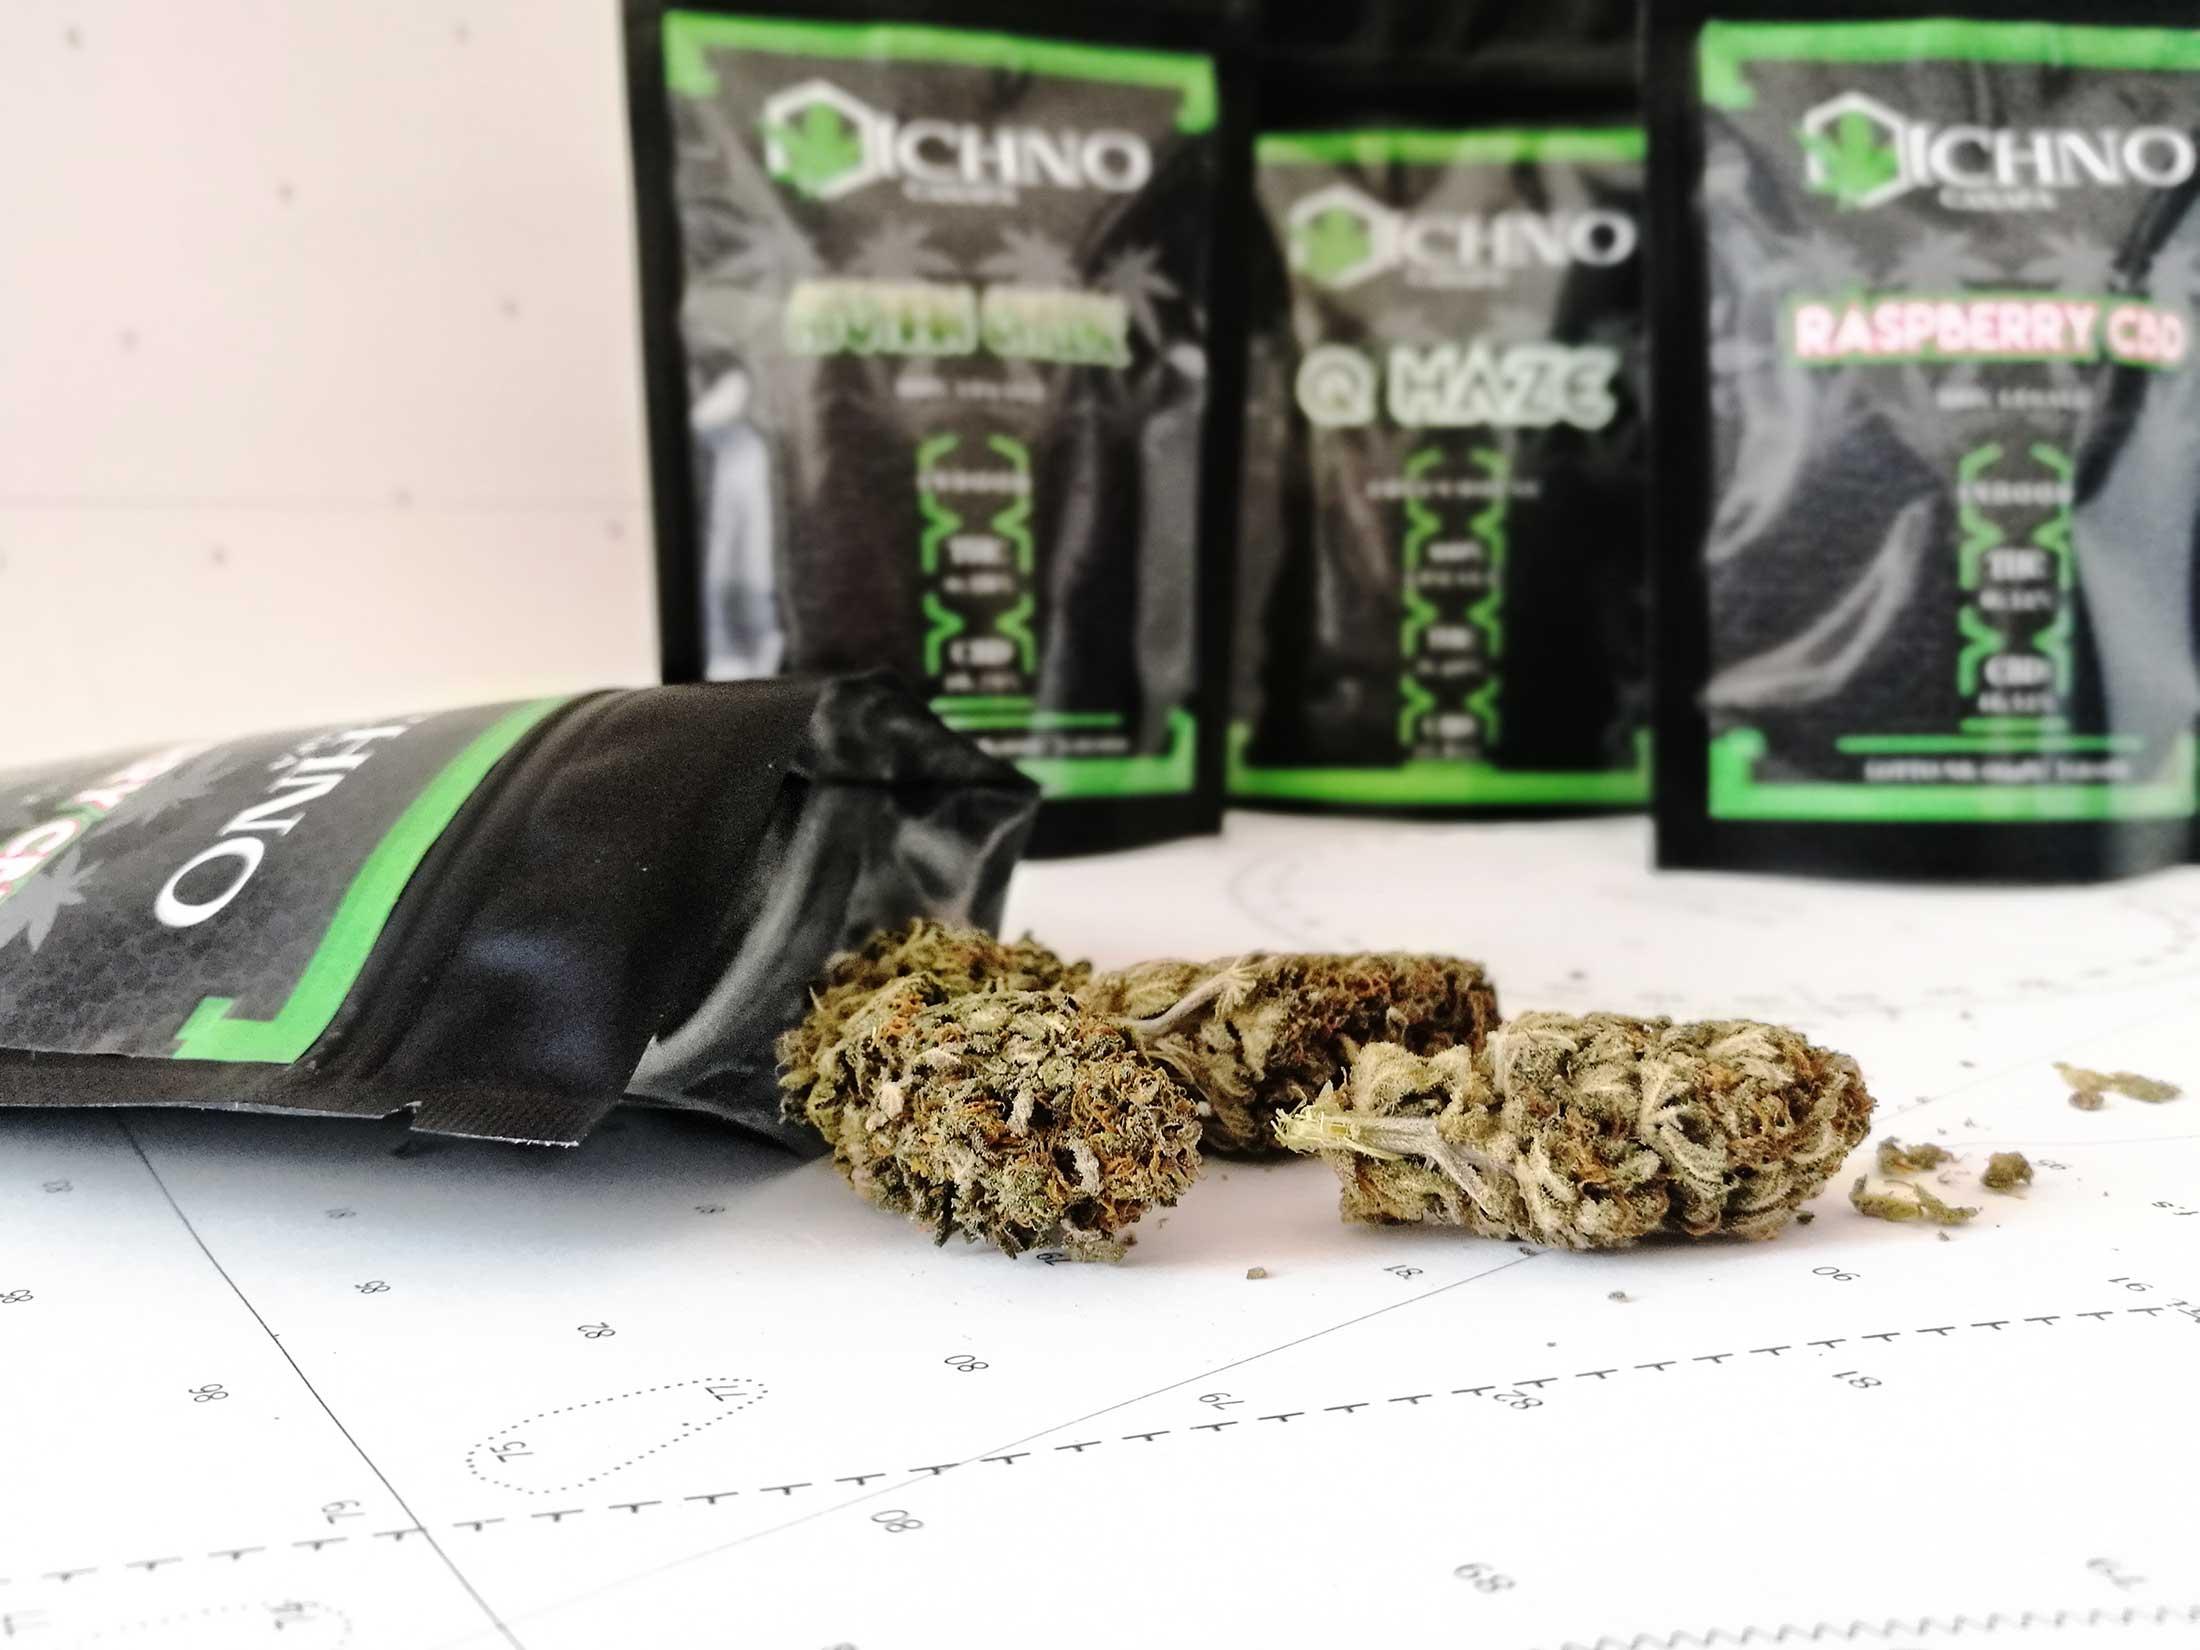 ichno-canapa-erba-legale-light-cannabis-thc-cdb-compra-acquista-negozio-confezione-shop-fiori-grammi-2200x1650